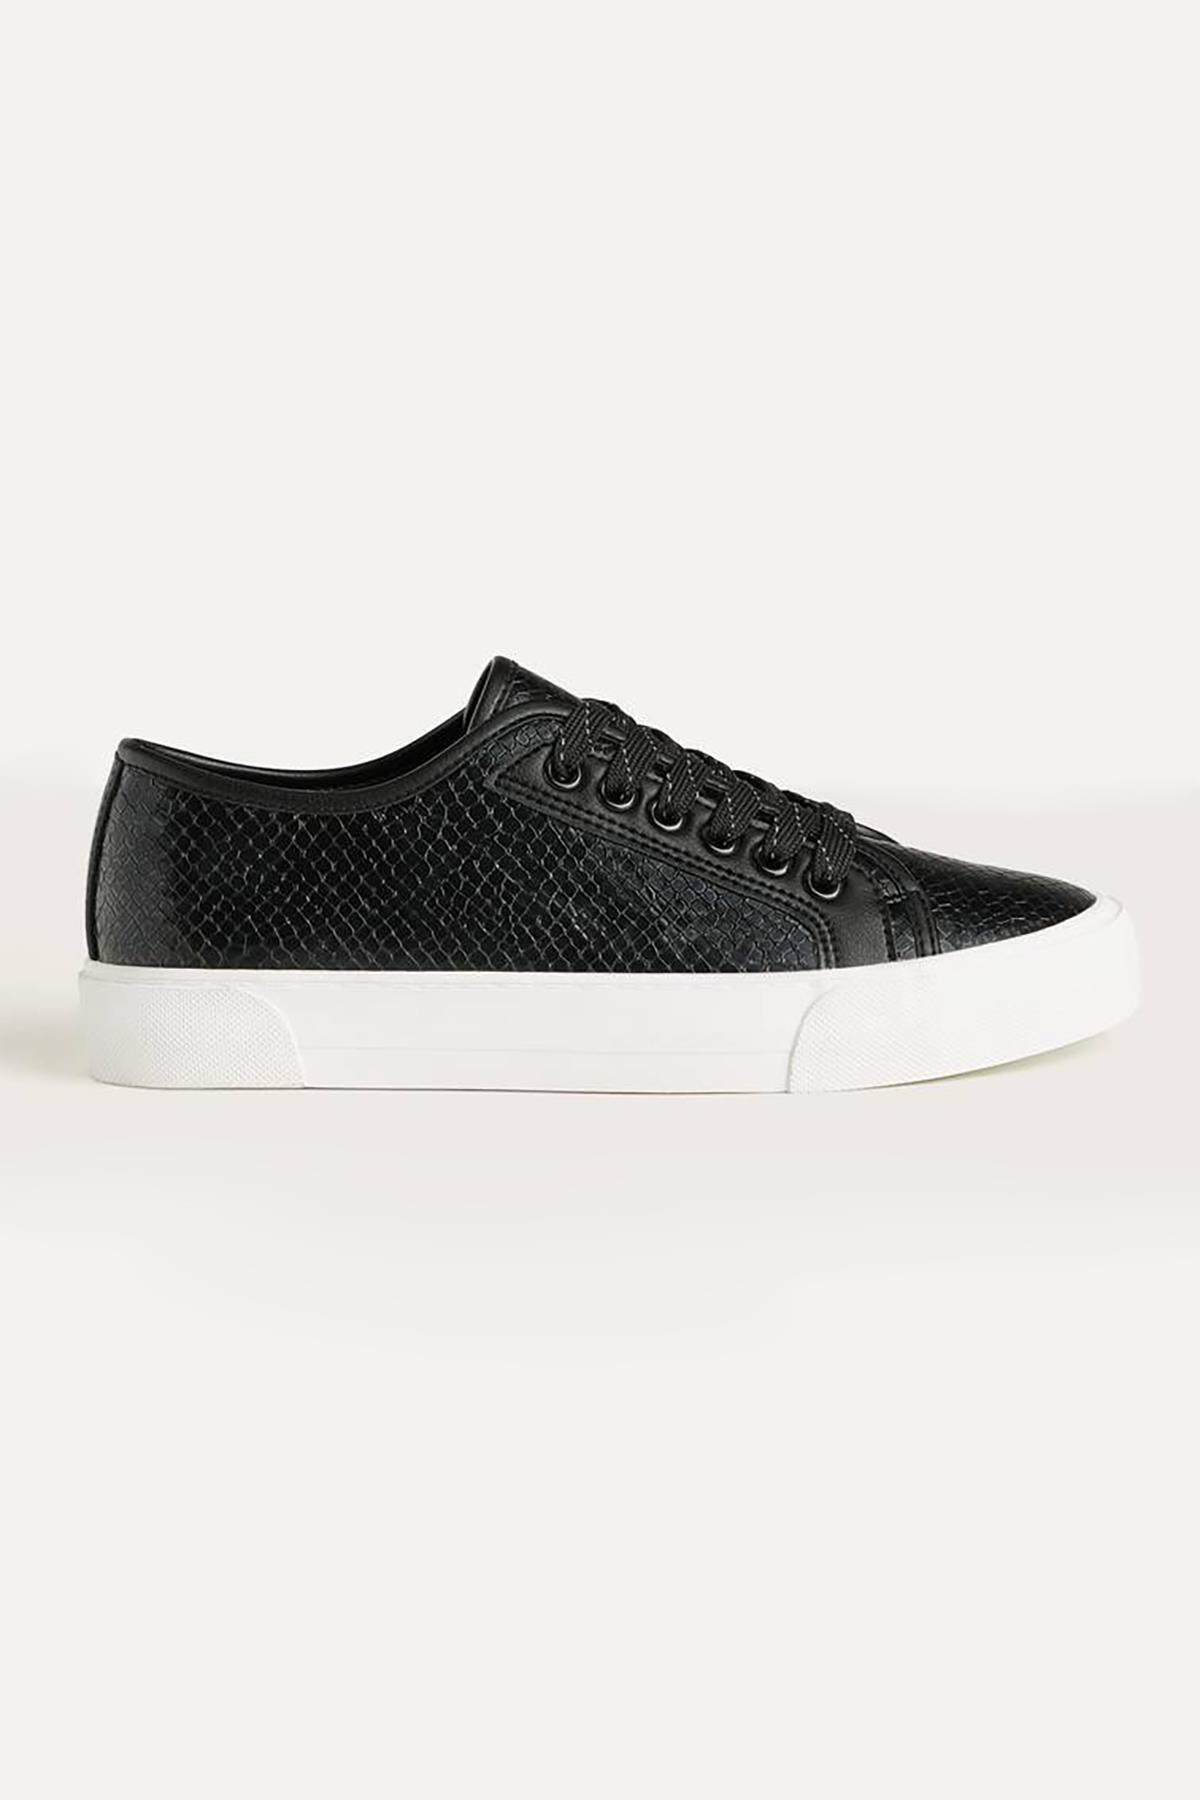 LETOON 2135 Kadın Günlük Ayakkabı 2